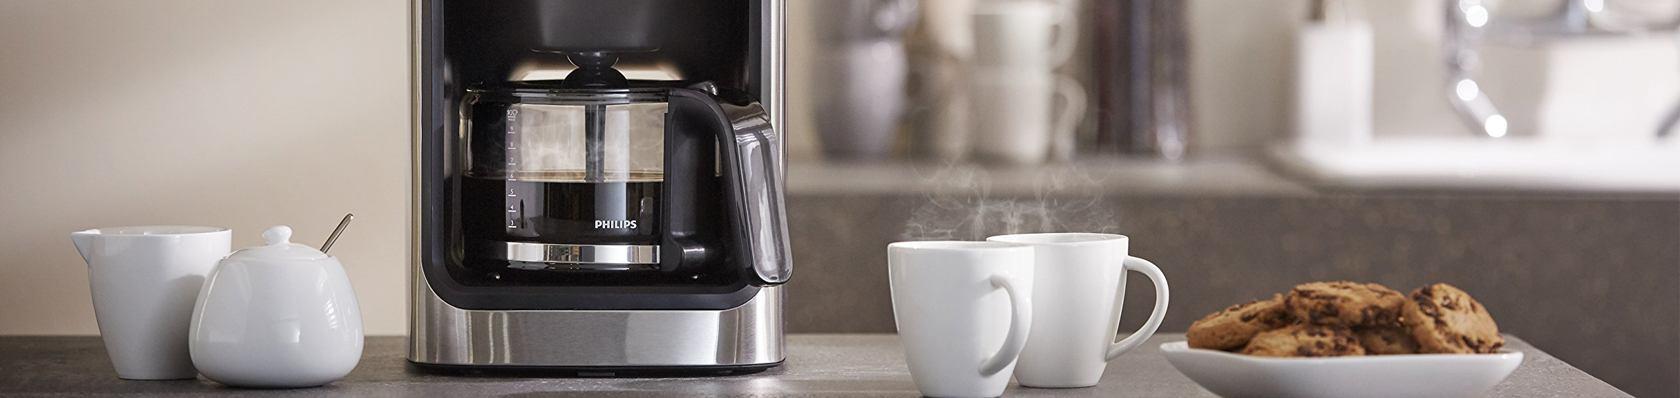 Filterkaffeemaschinen im Test auf ExpertenTesten.de